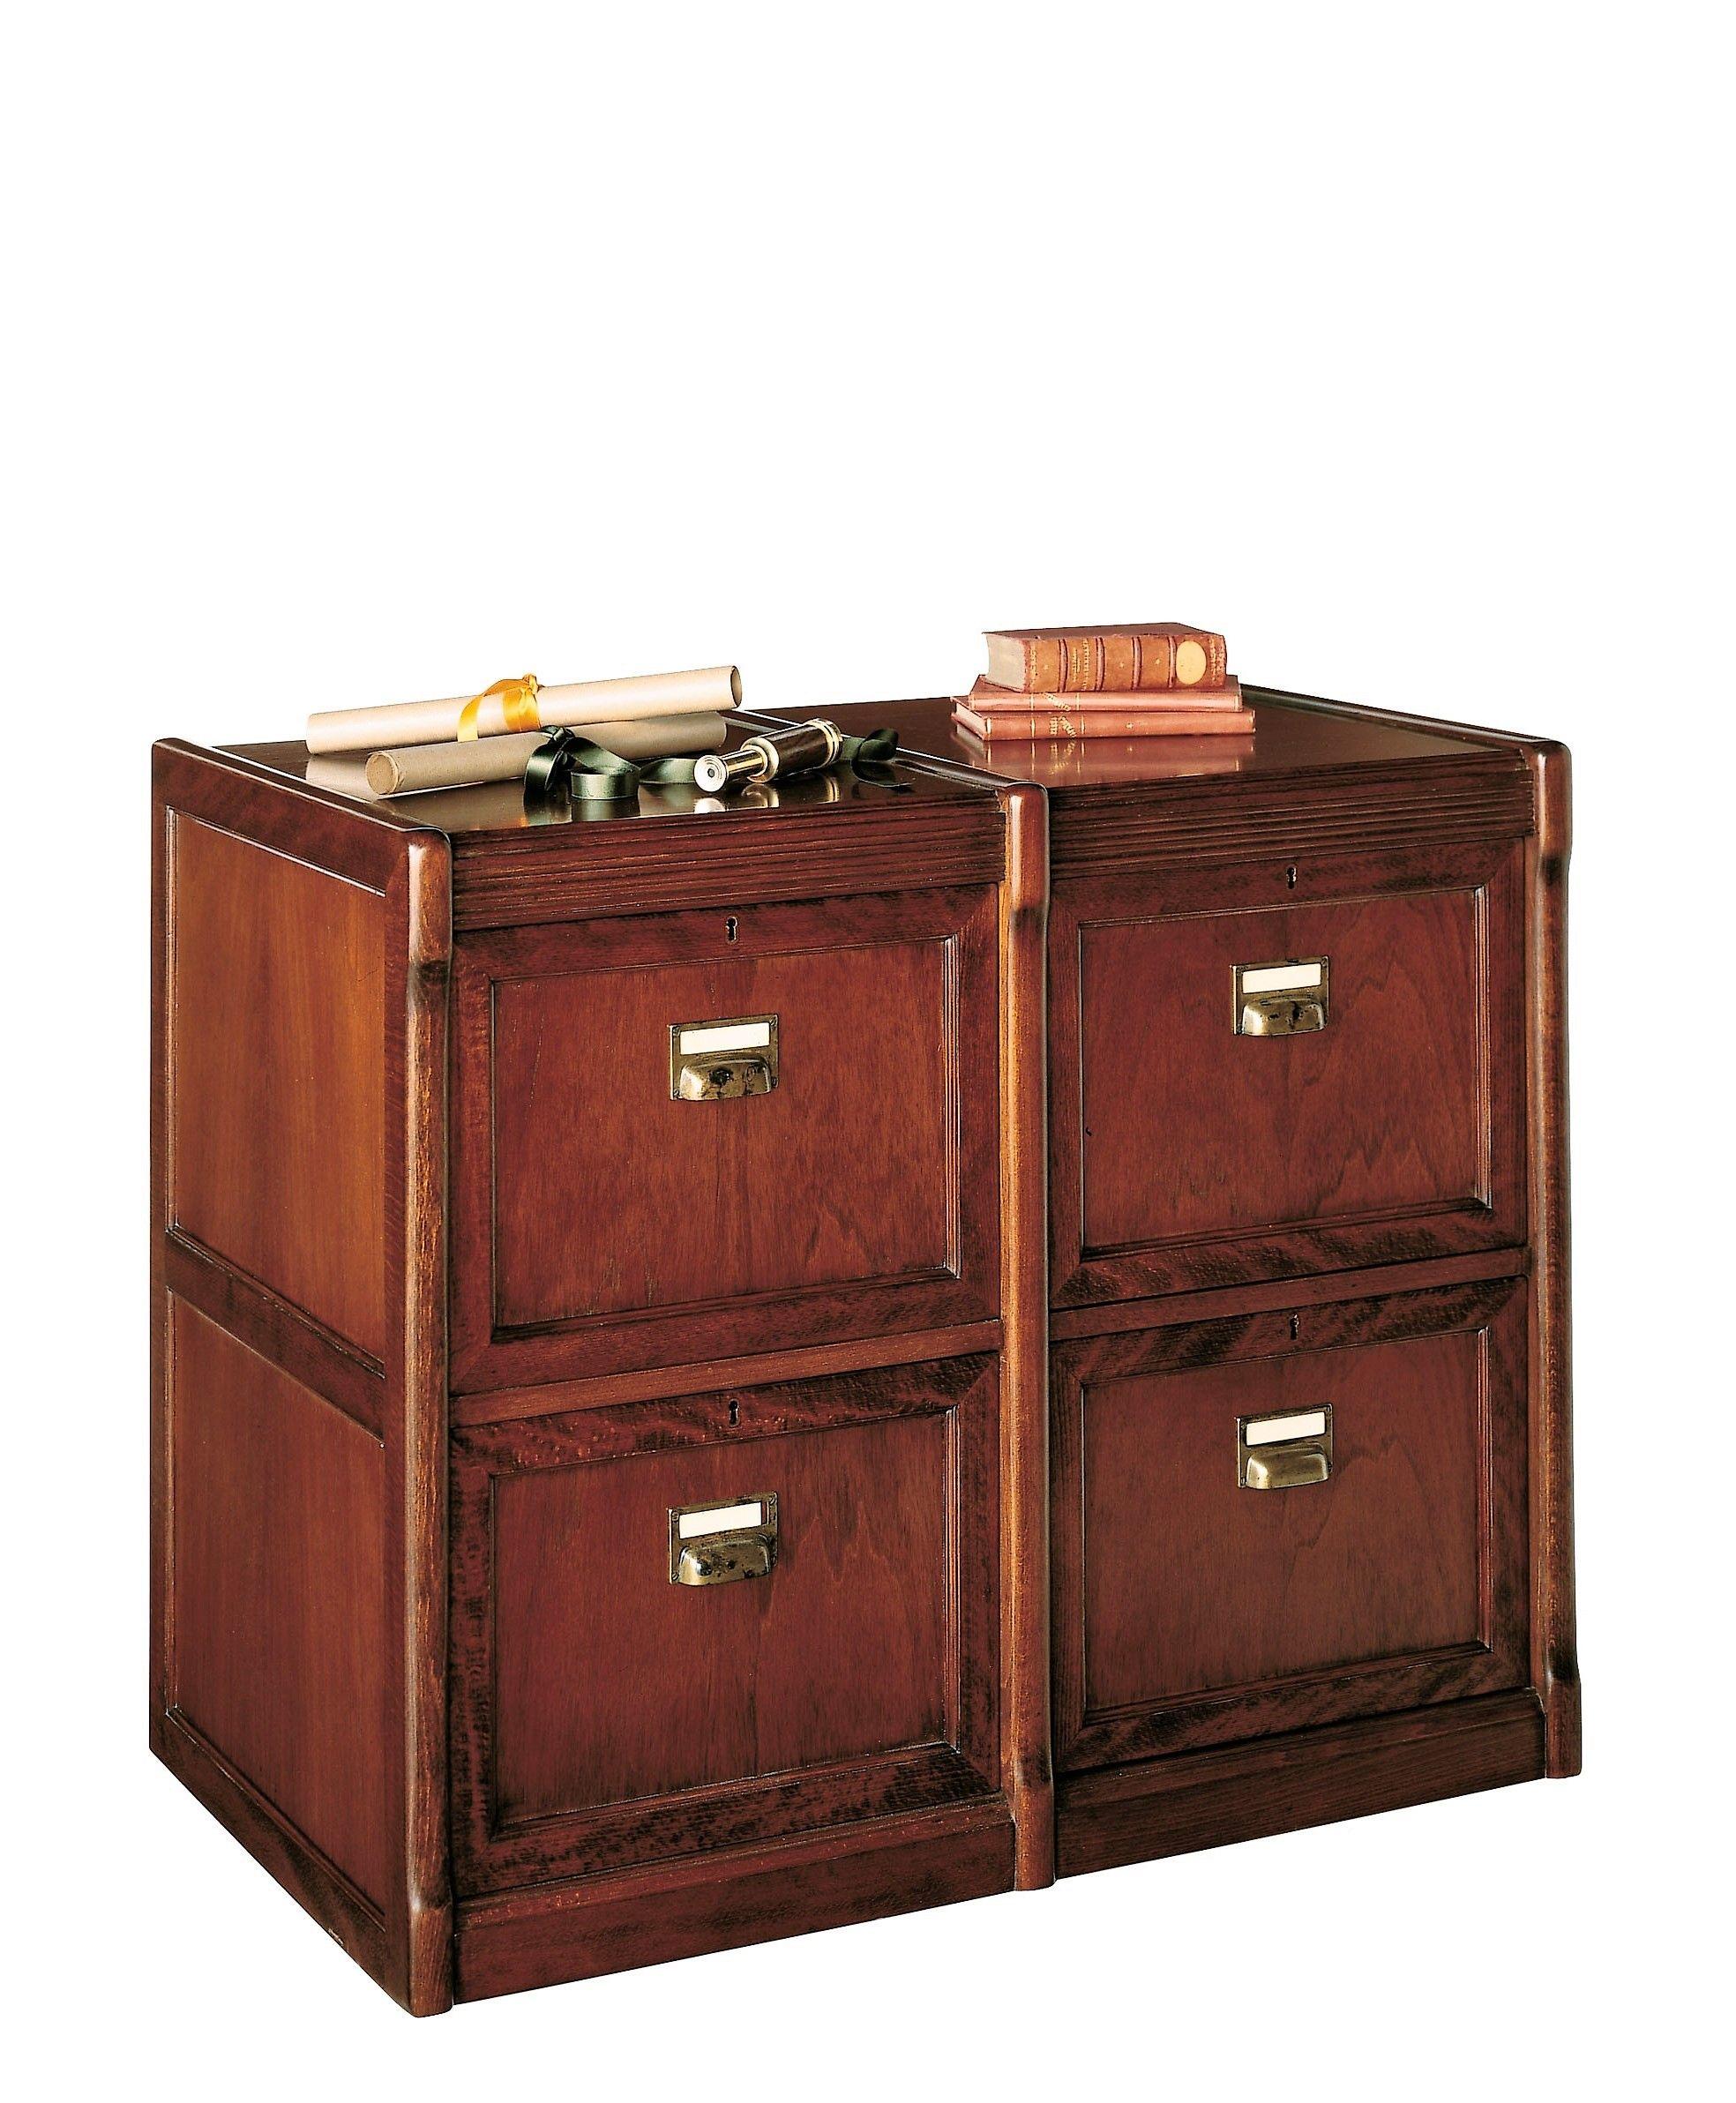 Mueble archivador horizontal clásico